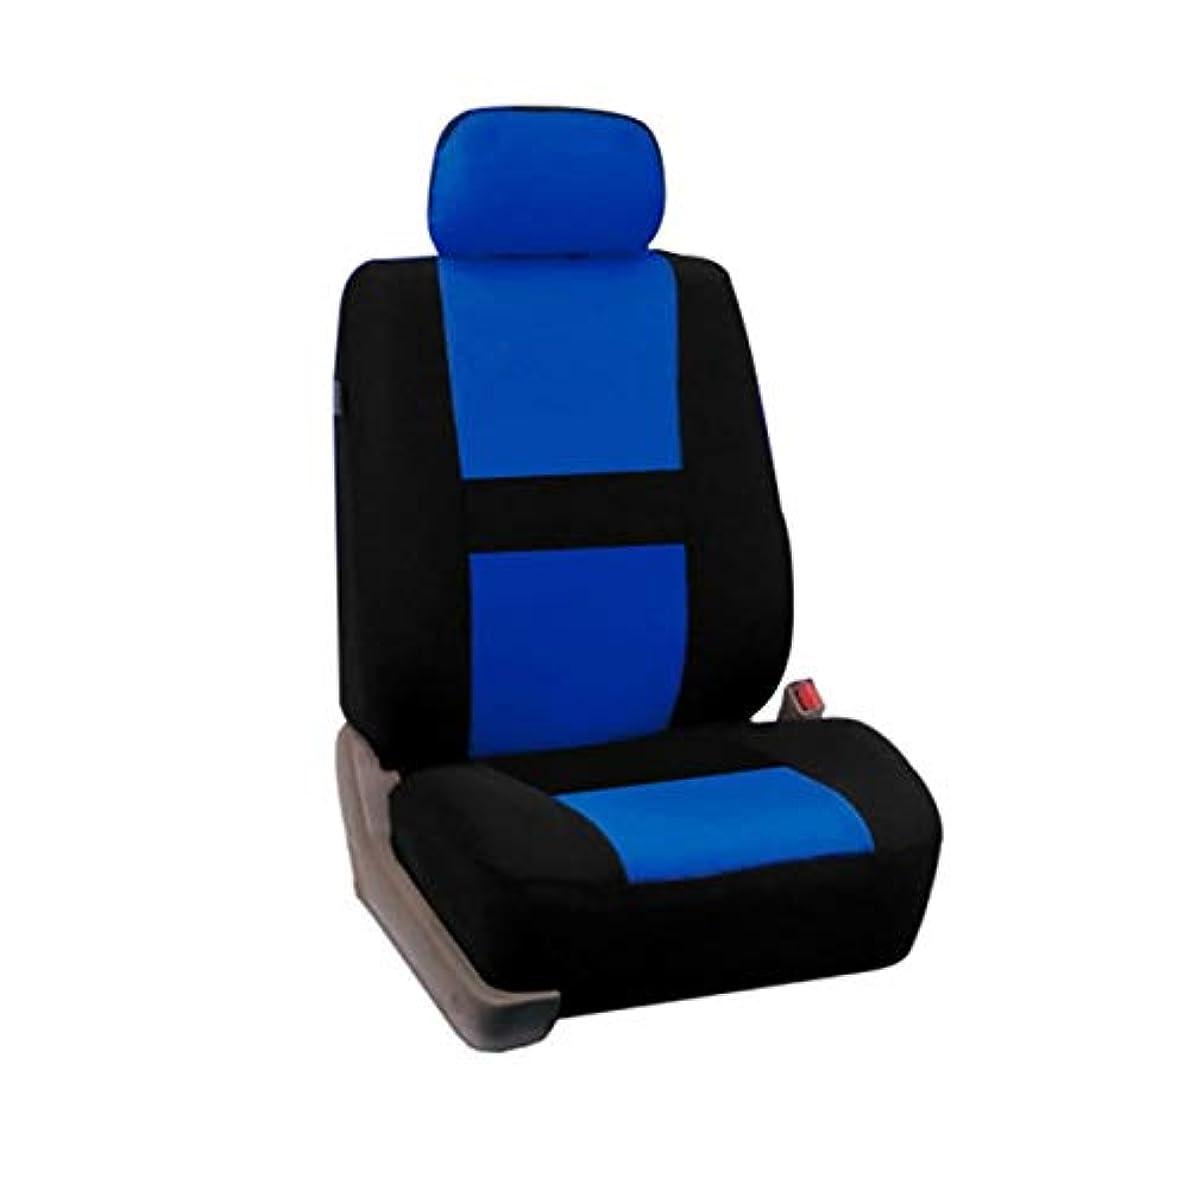 南西自動プリーツユニバーサルカーシートはフロントリアヘッド休符フルセットオートシートカバーをカバー